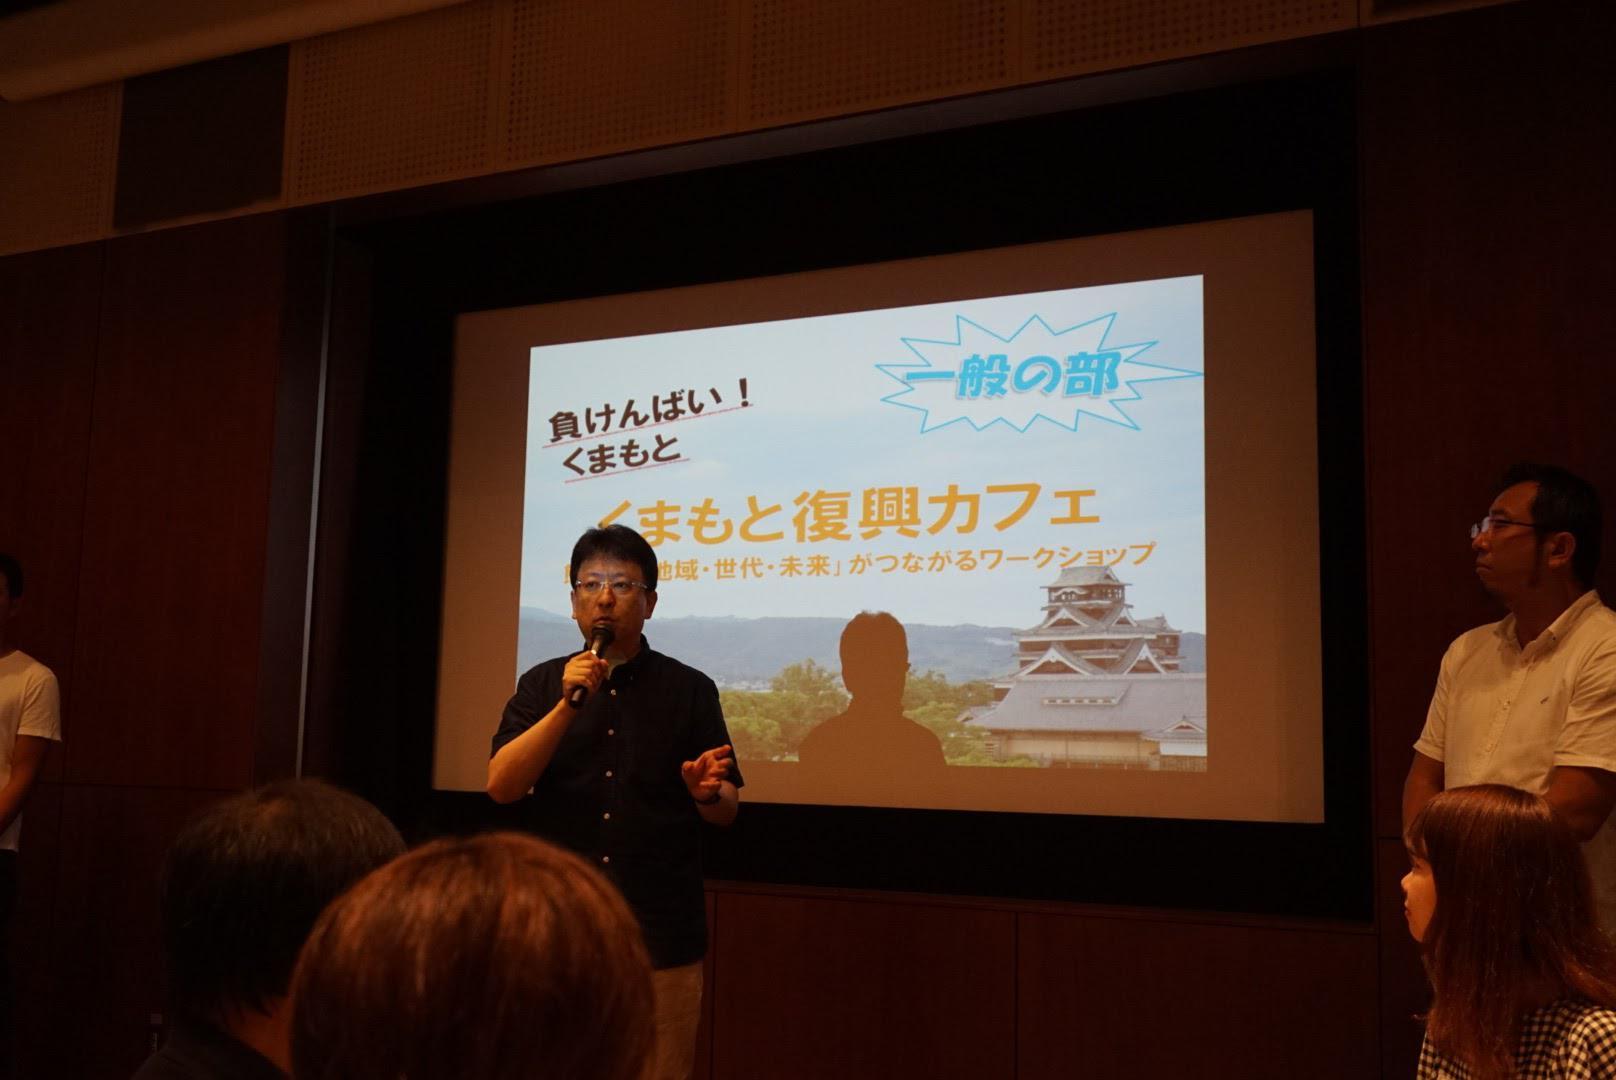 熊本の復興を考える!「くまもと復興カフェ」とはどんなもの?